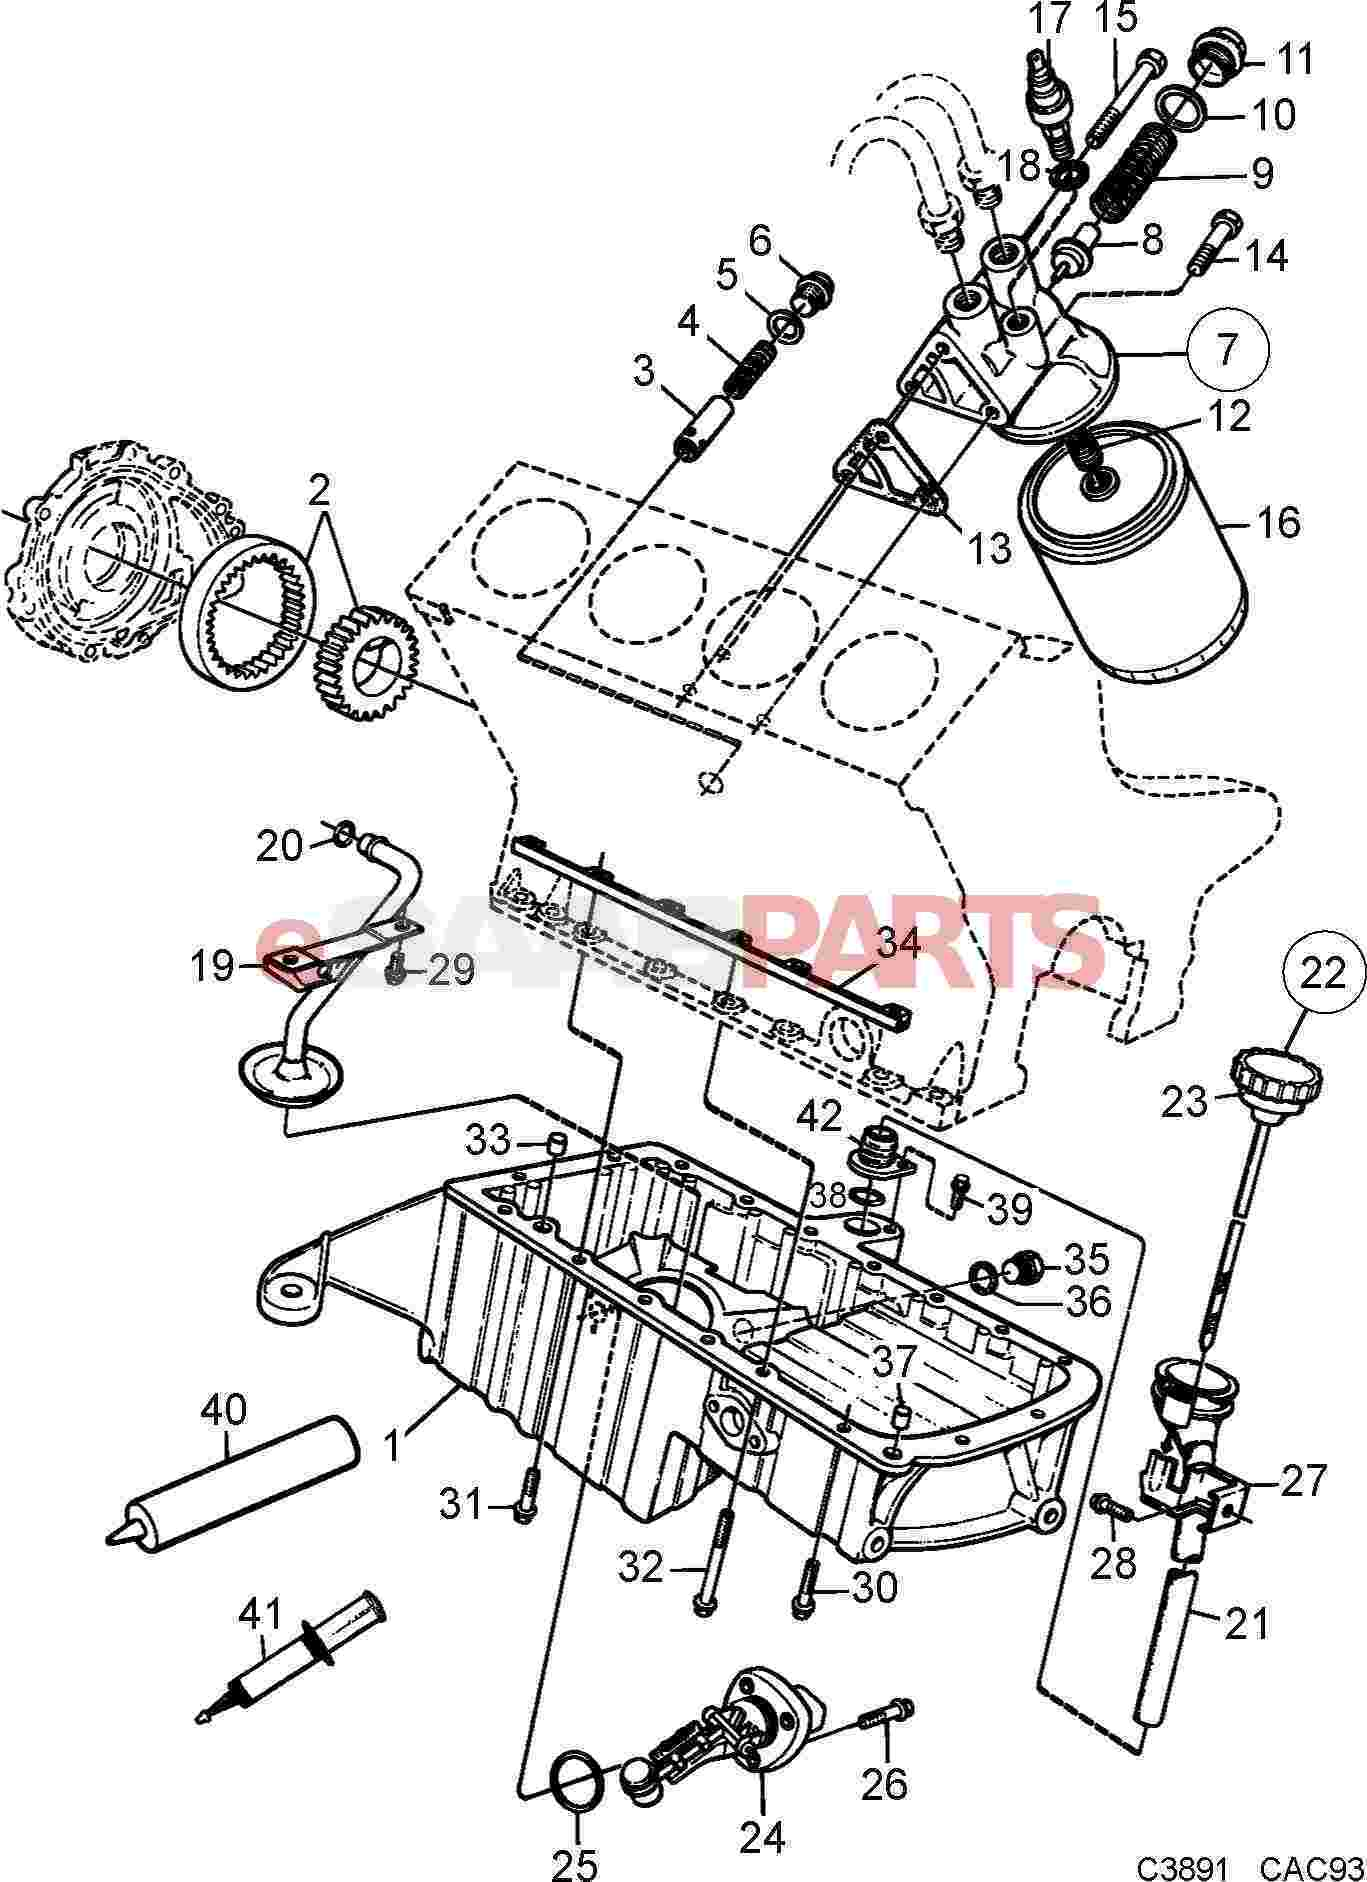 1995 saab 9000 wiring diagram